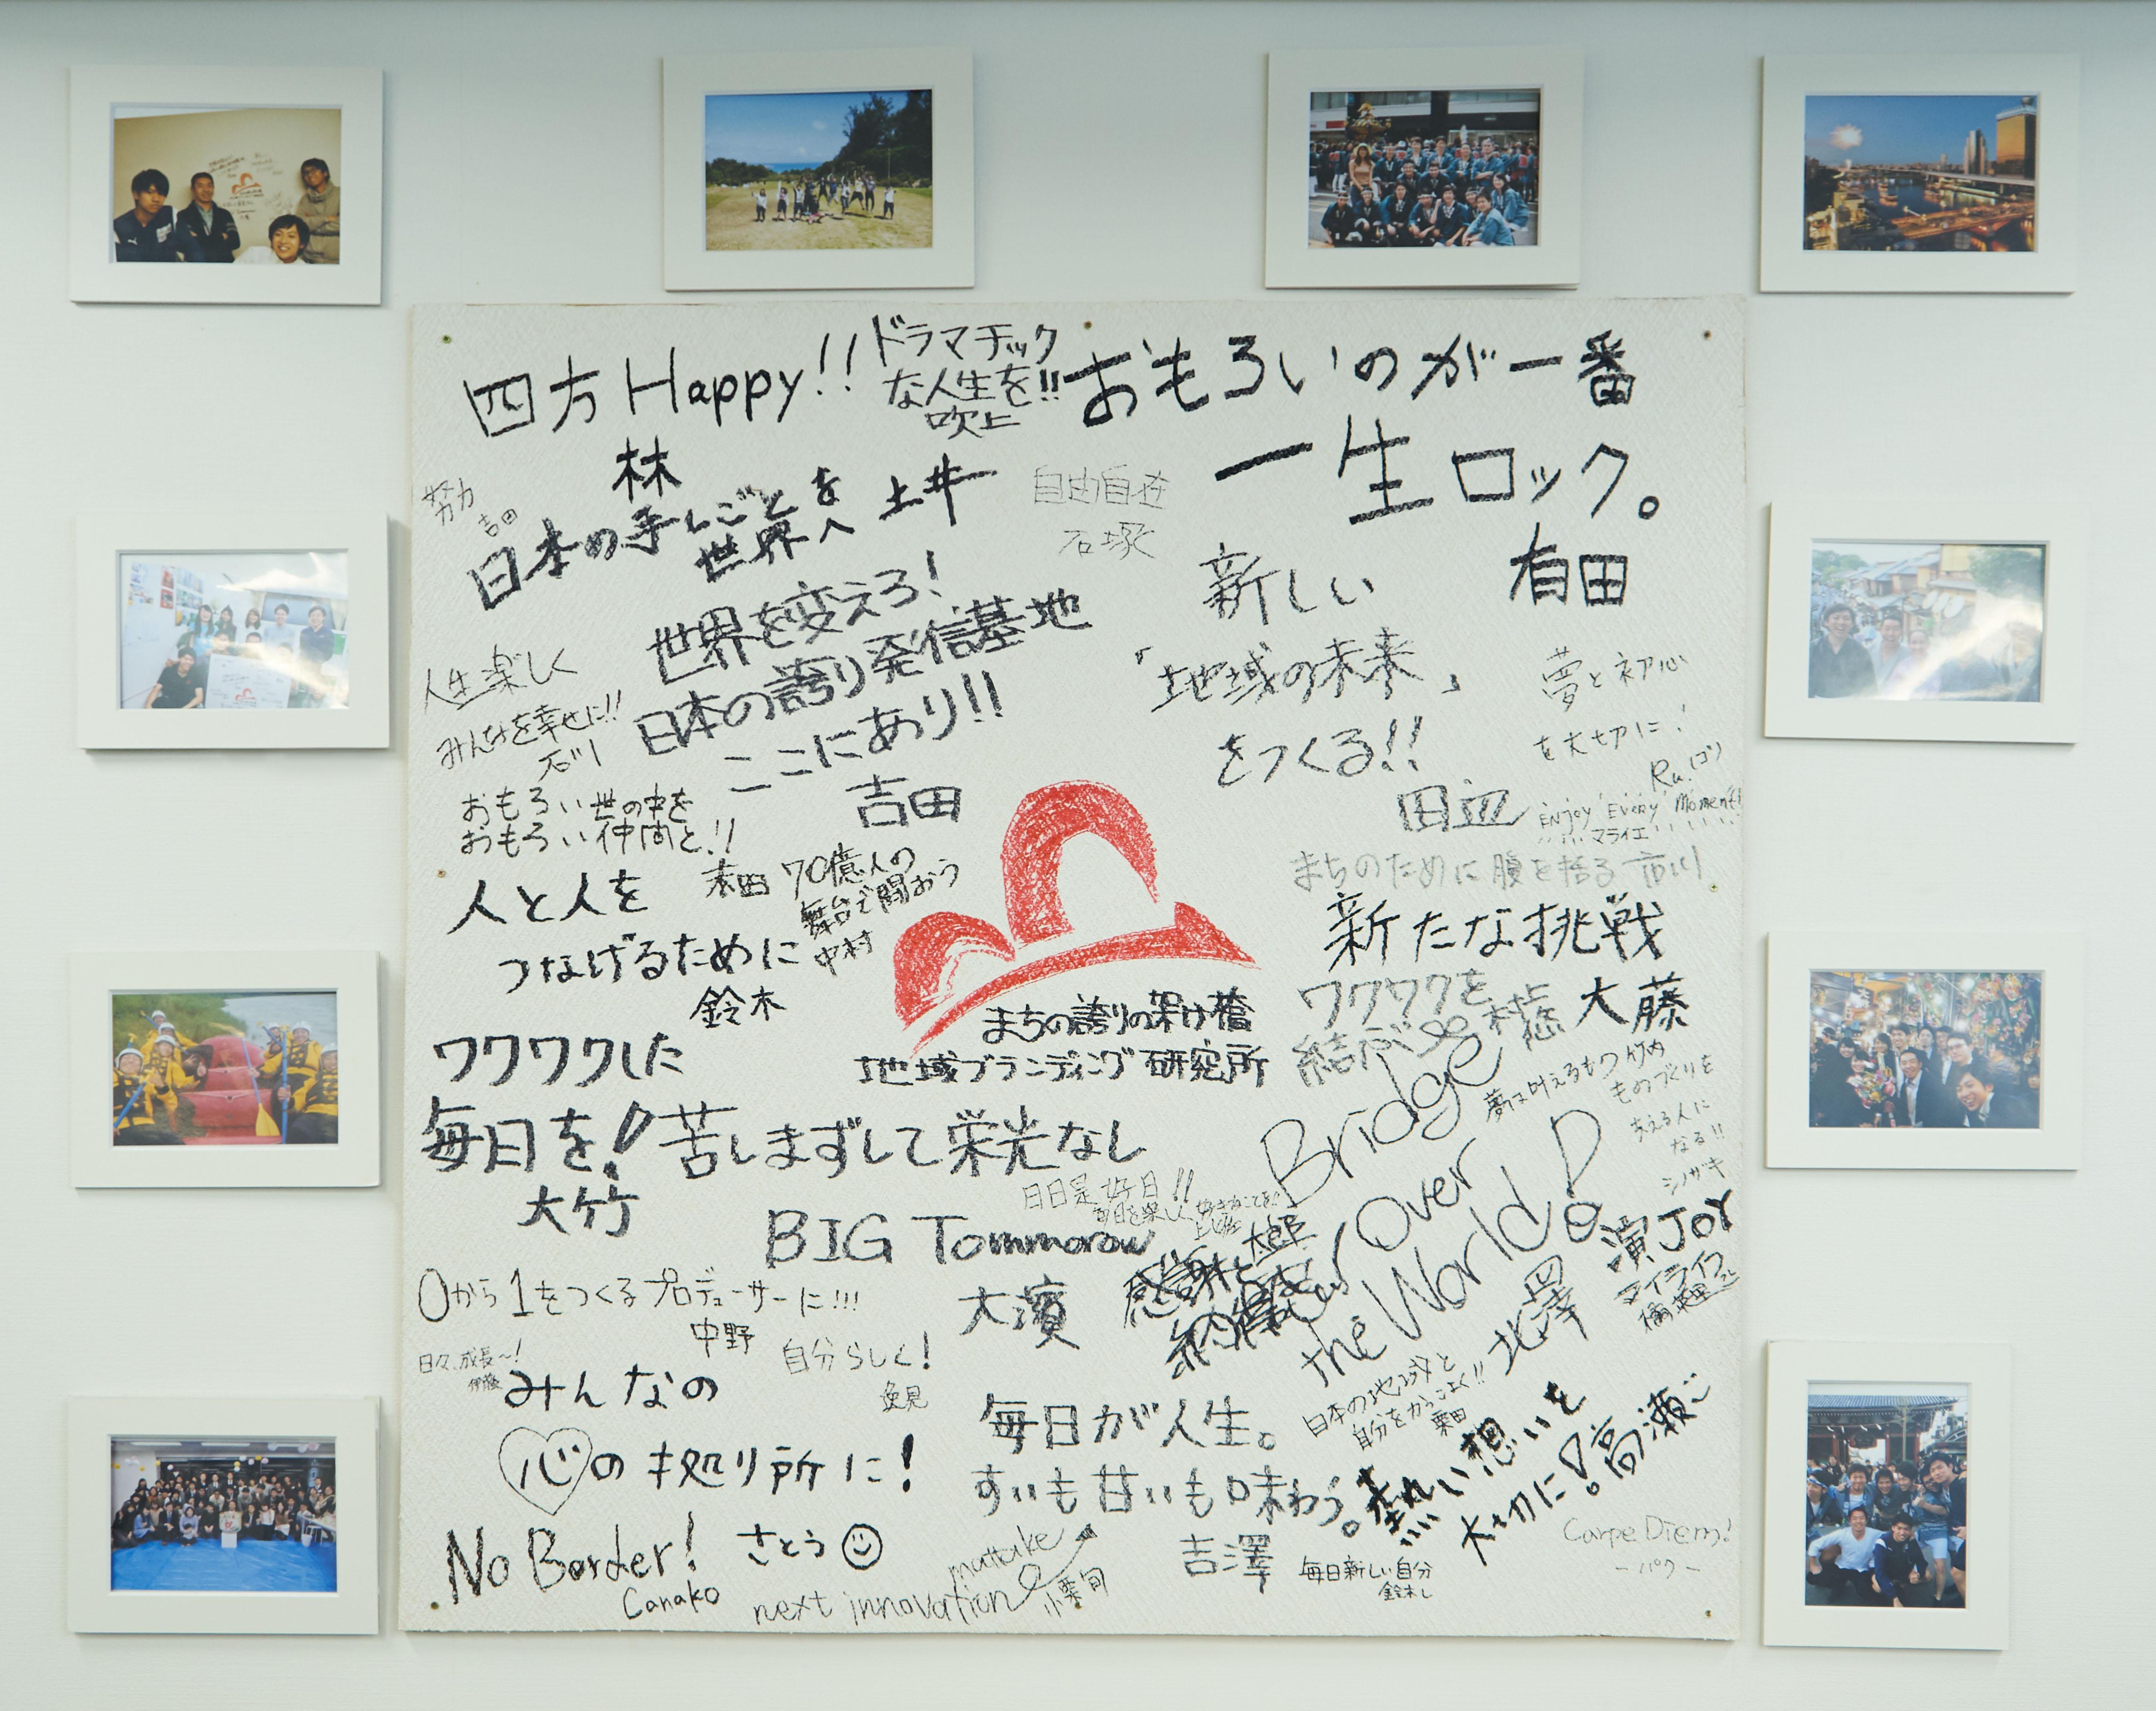 株式会社地域ブランディング研究所/ストーリーあるまちで溢れる日本に